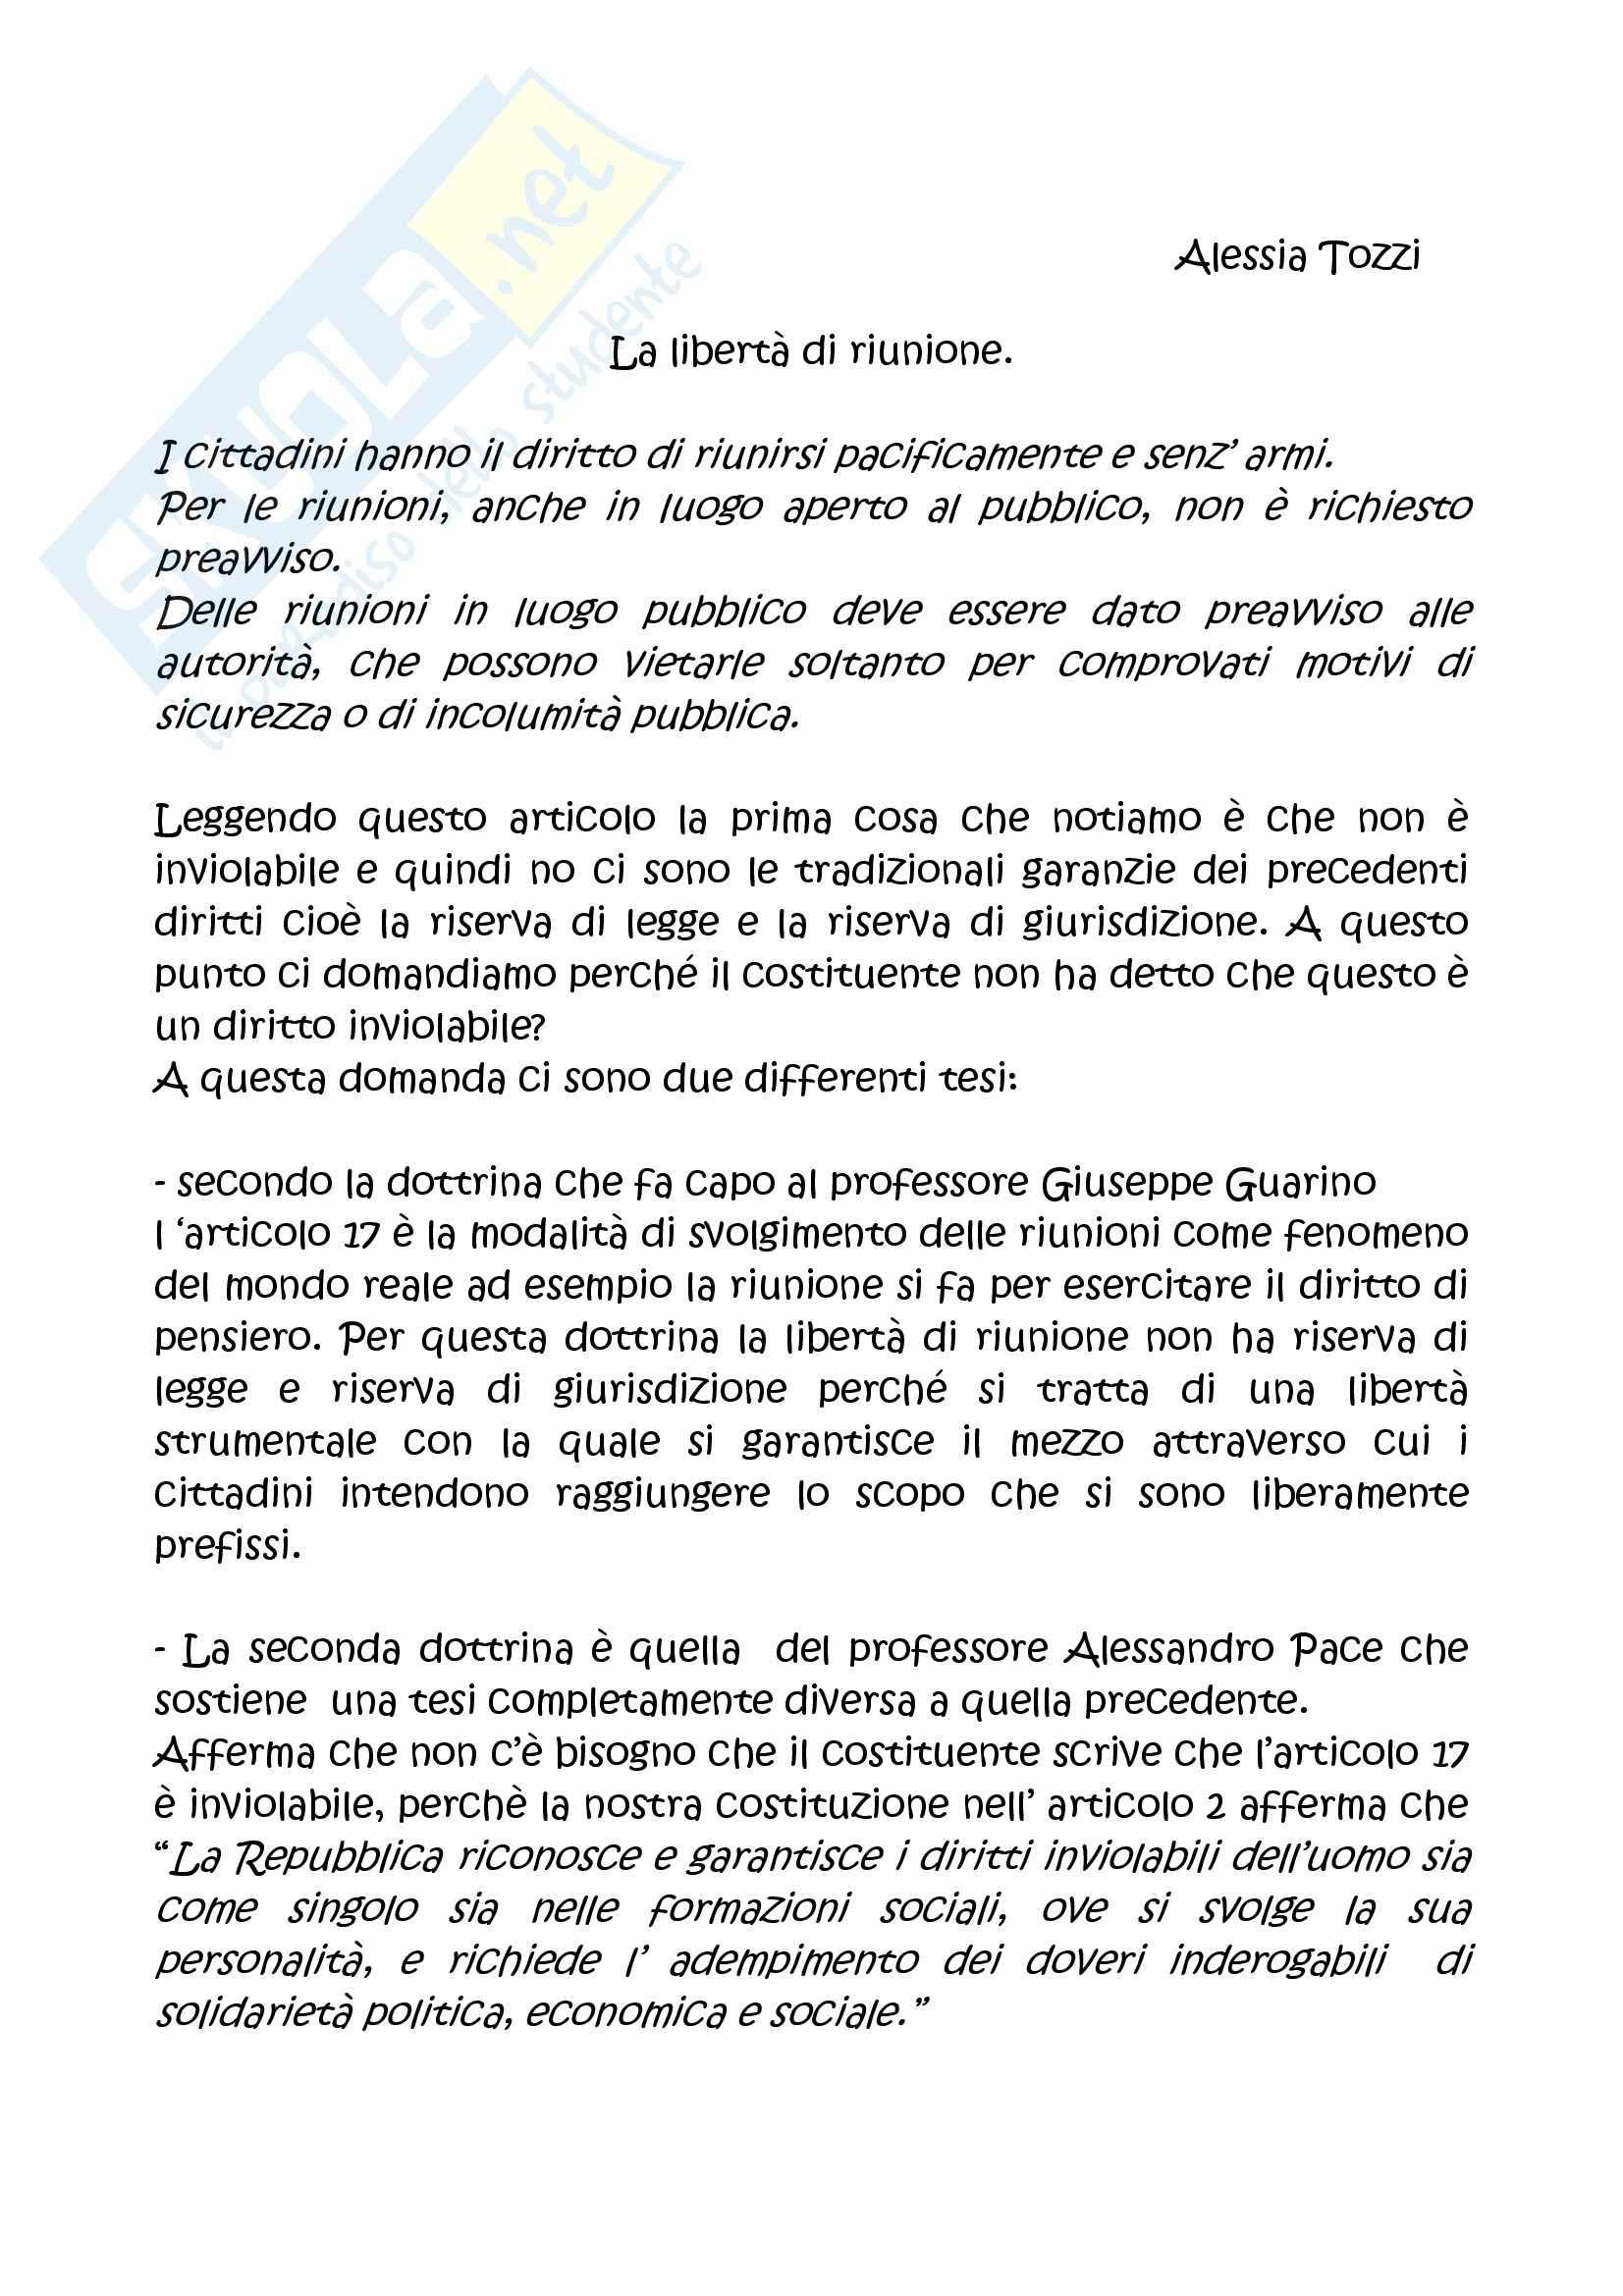 Diritto costituzionale - articolo 17 Costituzione italiana - Tesina